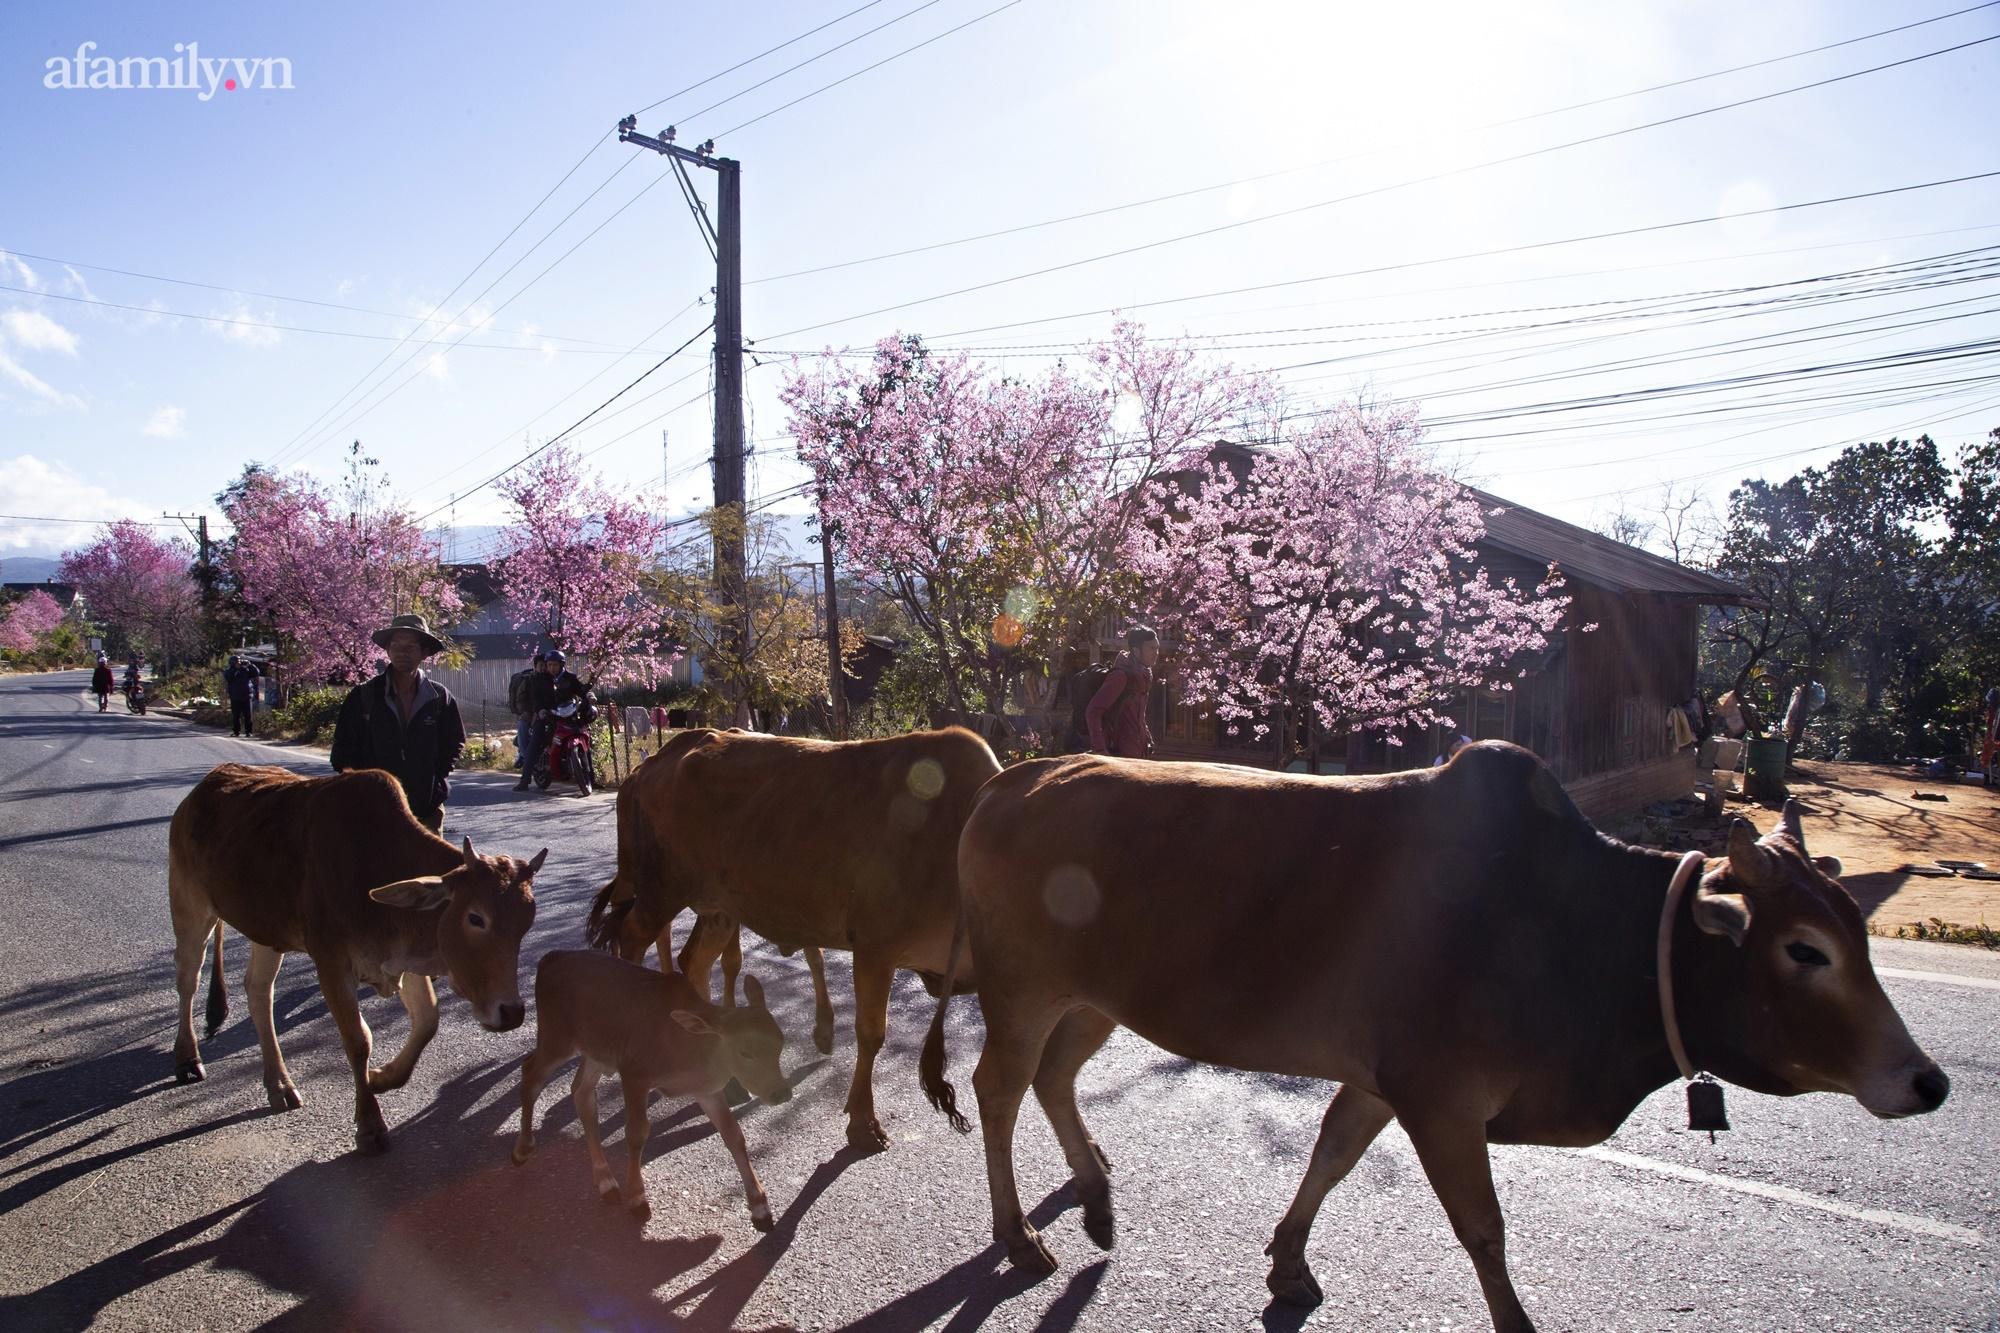 Ngắm hoa mai anh đào nở rợp trời ở ngôi làng đẹp lạ như Tây Tạng, nằm ngay gần trung tâm TP. Đà Lạt mà không phải ai cũng biết - Ảnh 15.